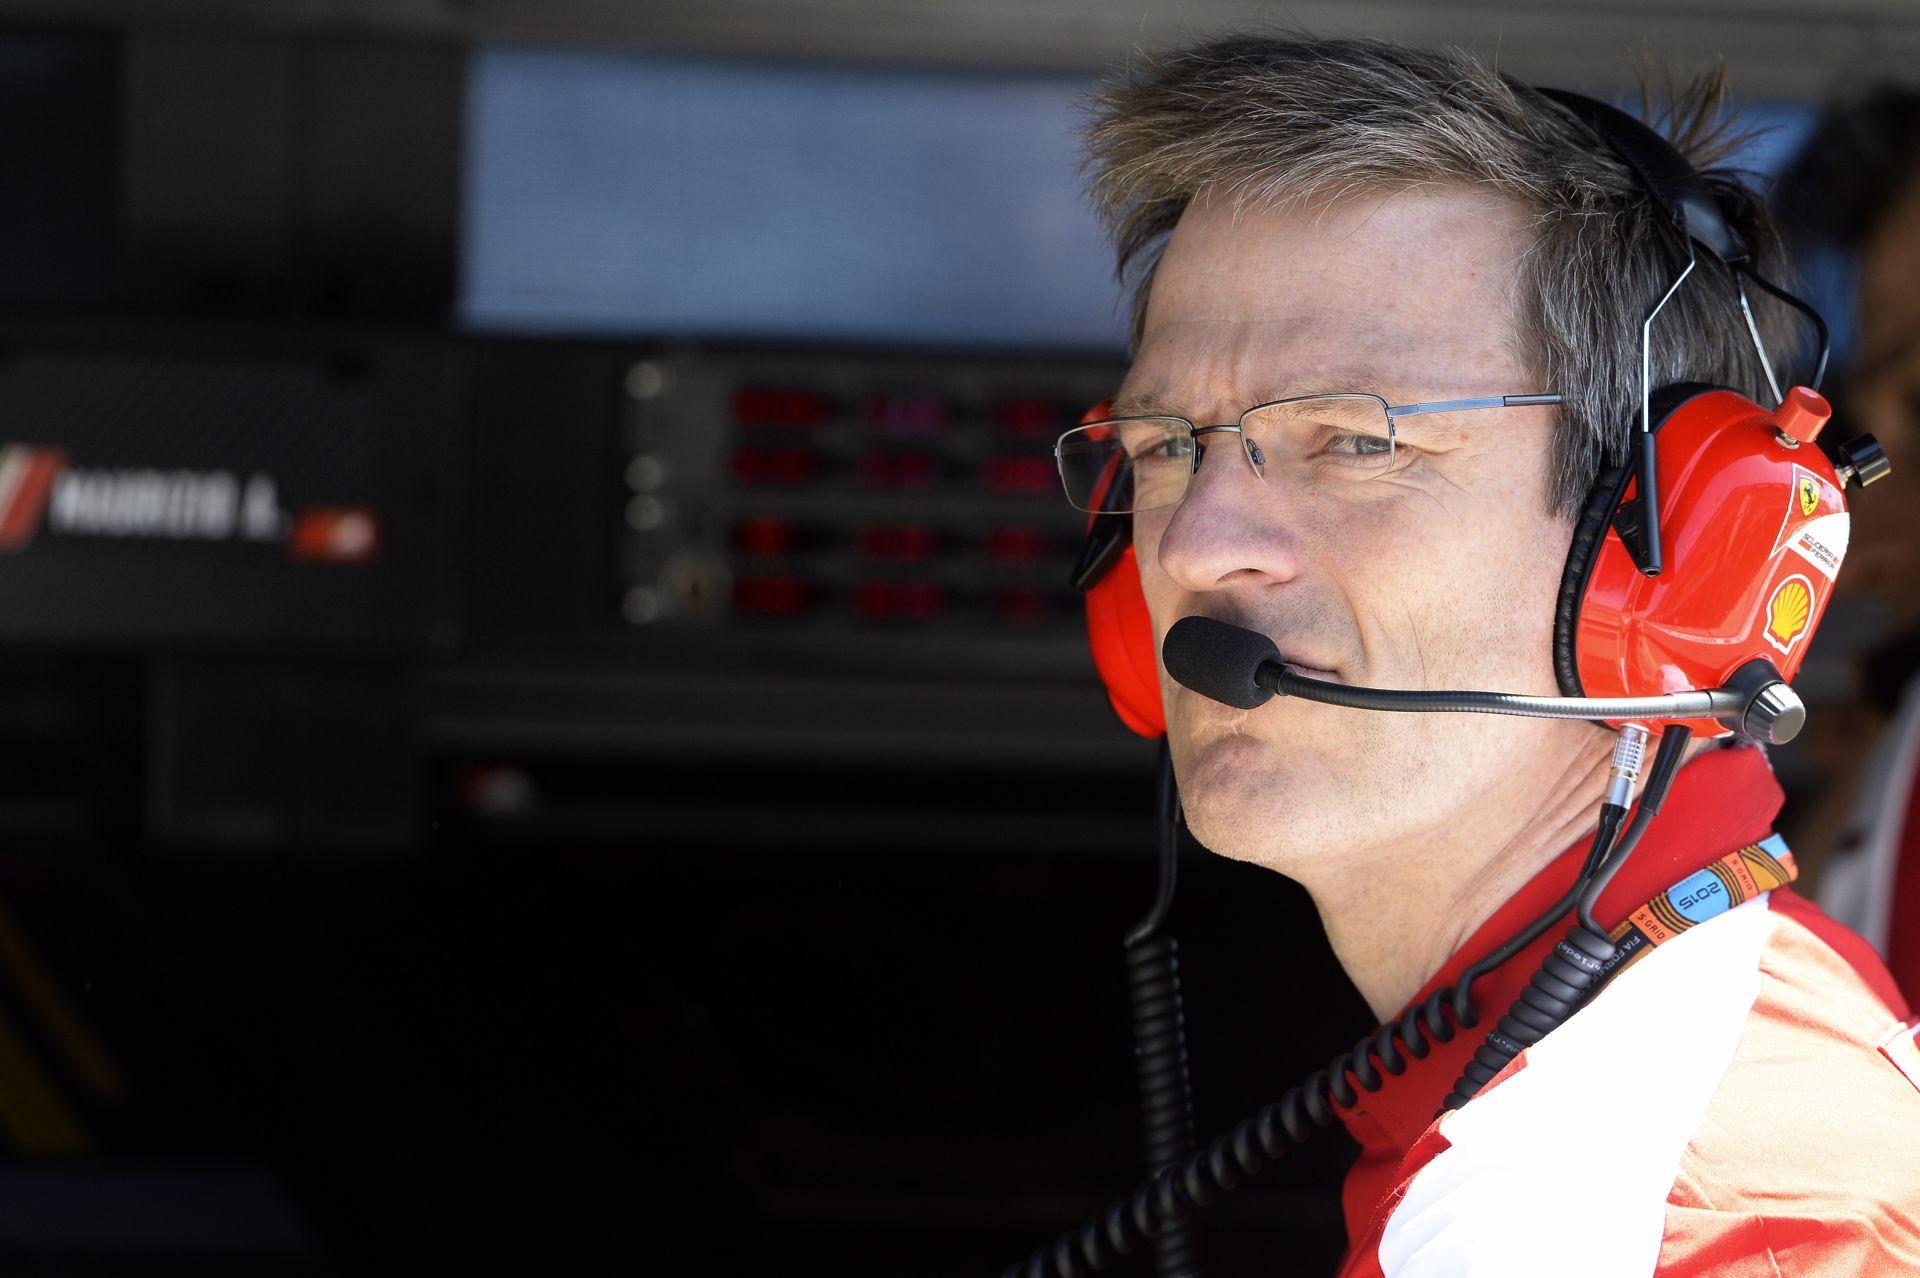 James Allison: A Ferrari győzelem sok mindent könnyebbé tett